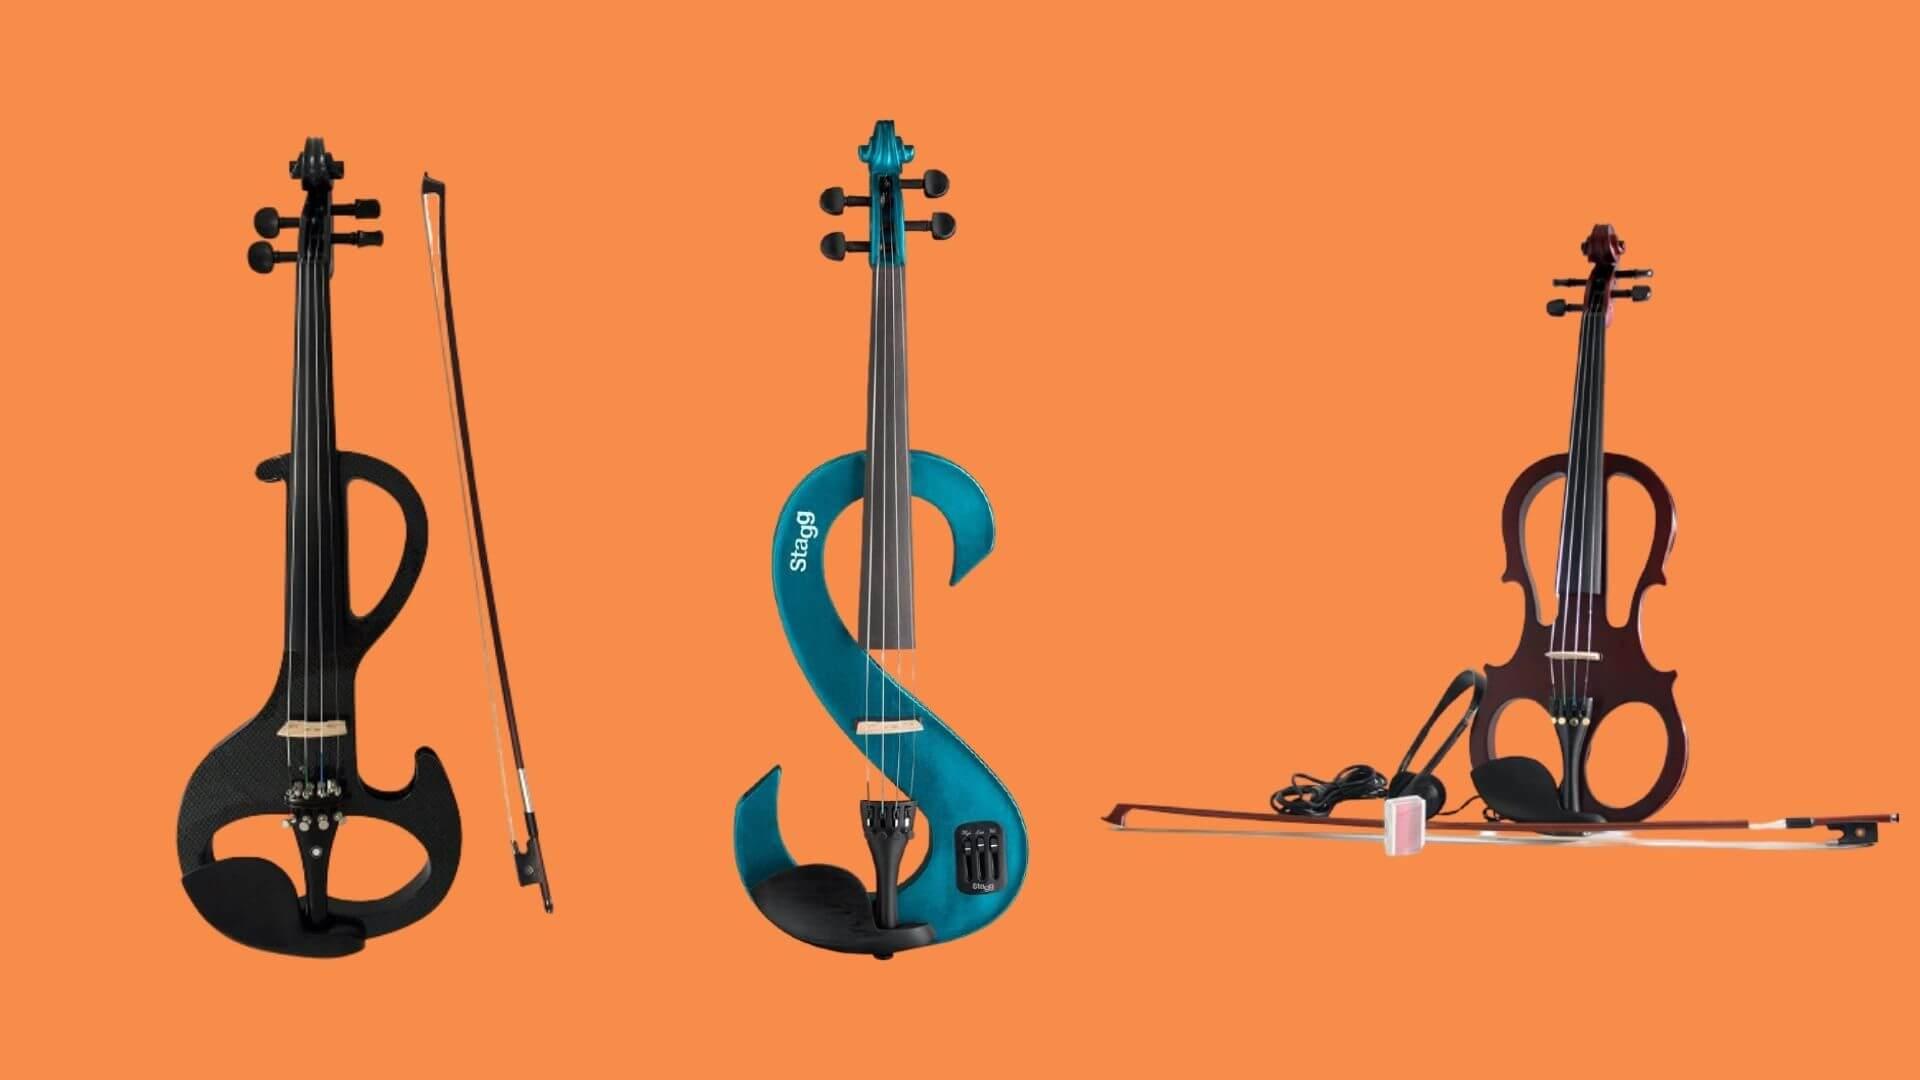 miglior-violino-elettrico